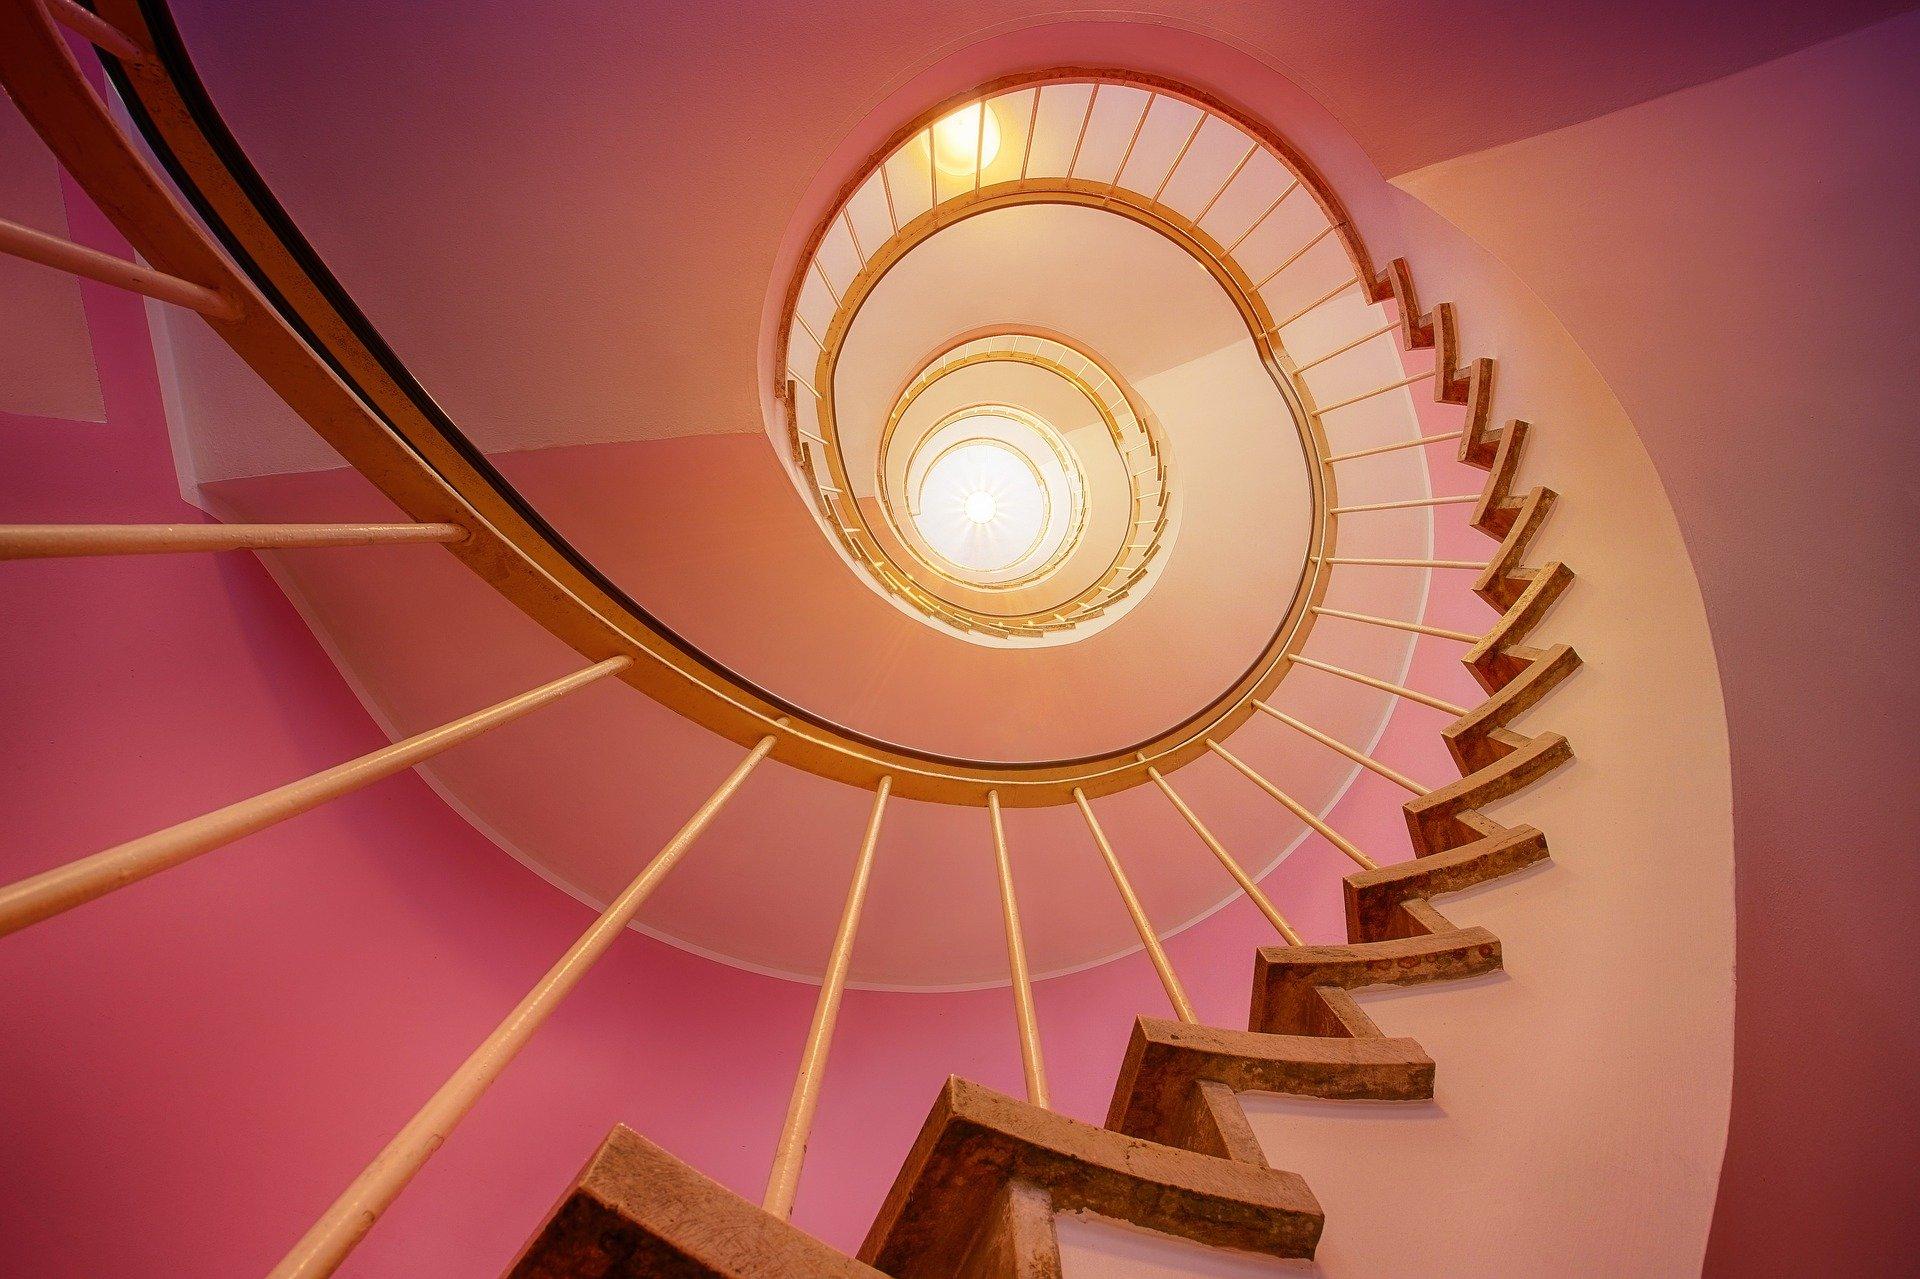 spiral-3112405_1920